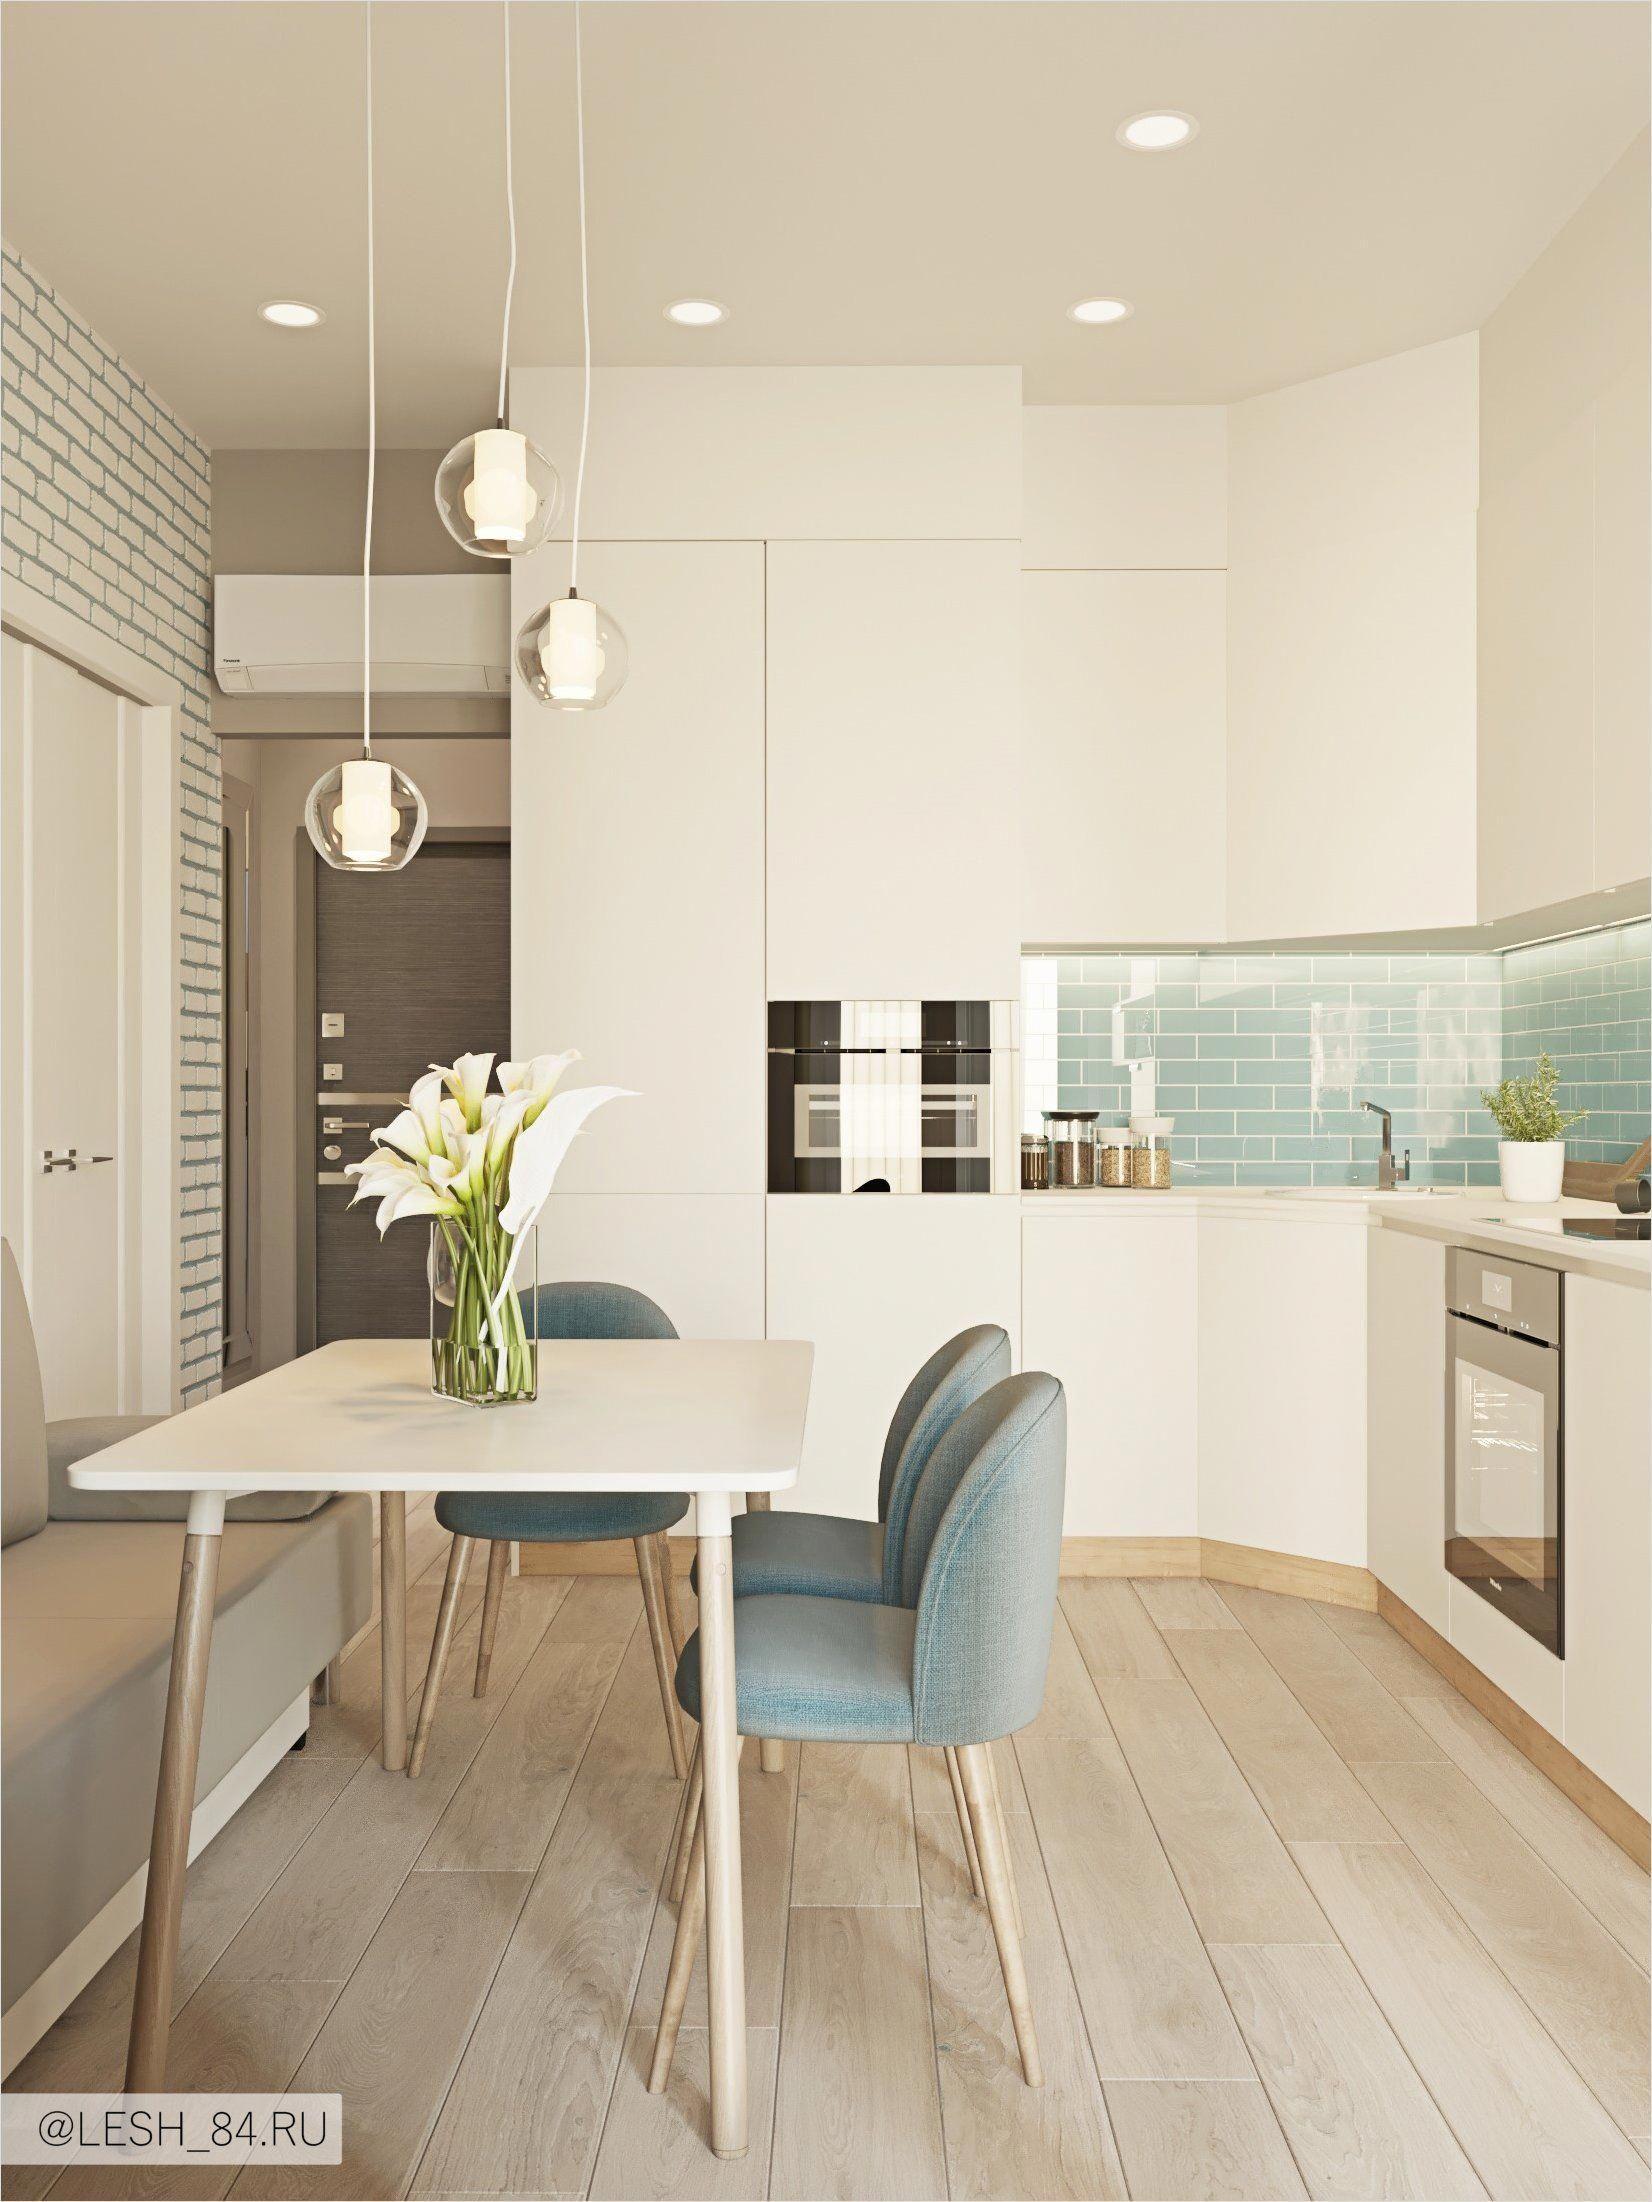 Небольшая кухня в спокойных цветах Small kitchen in